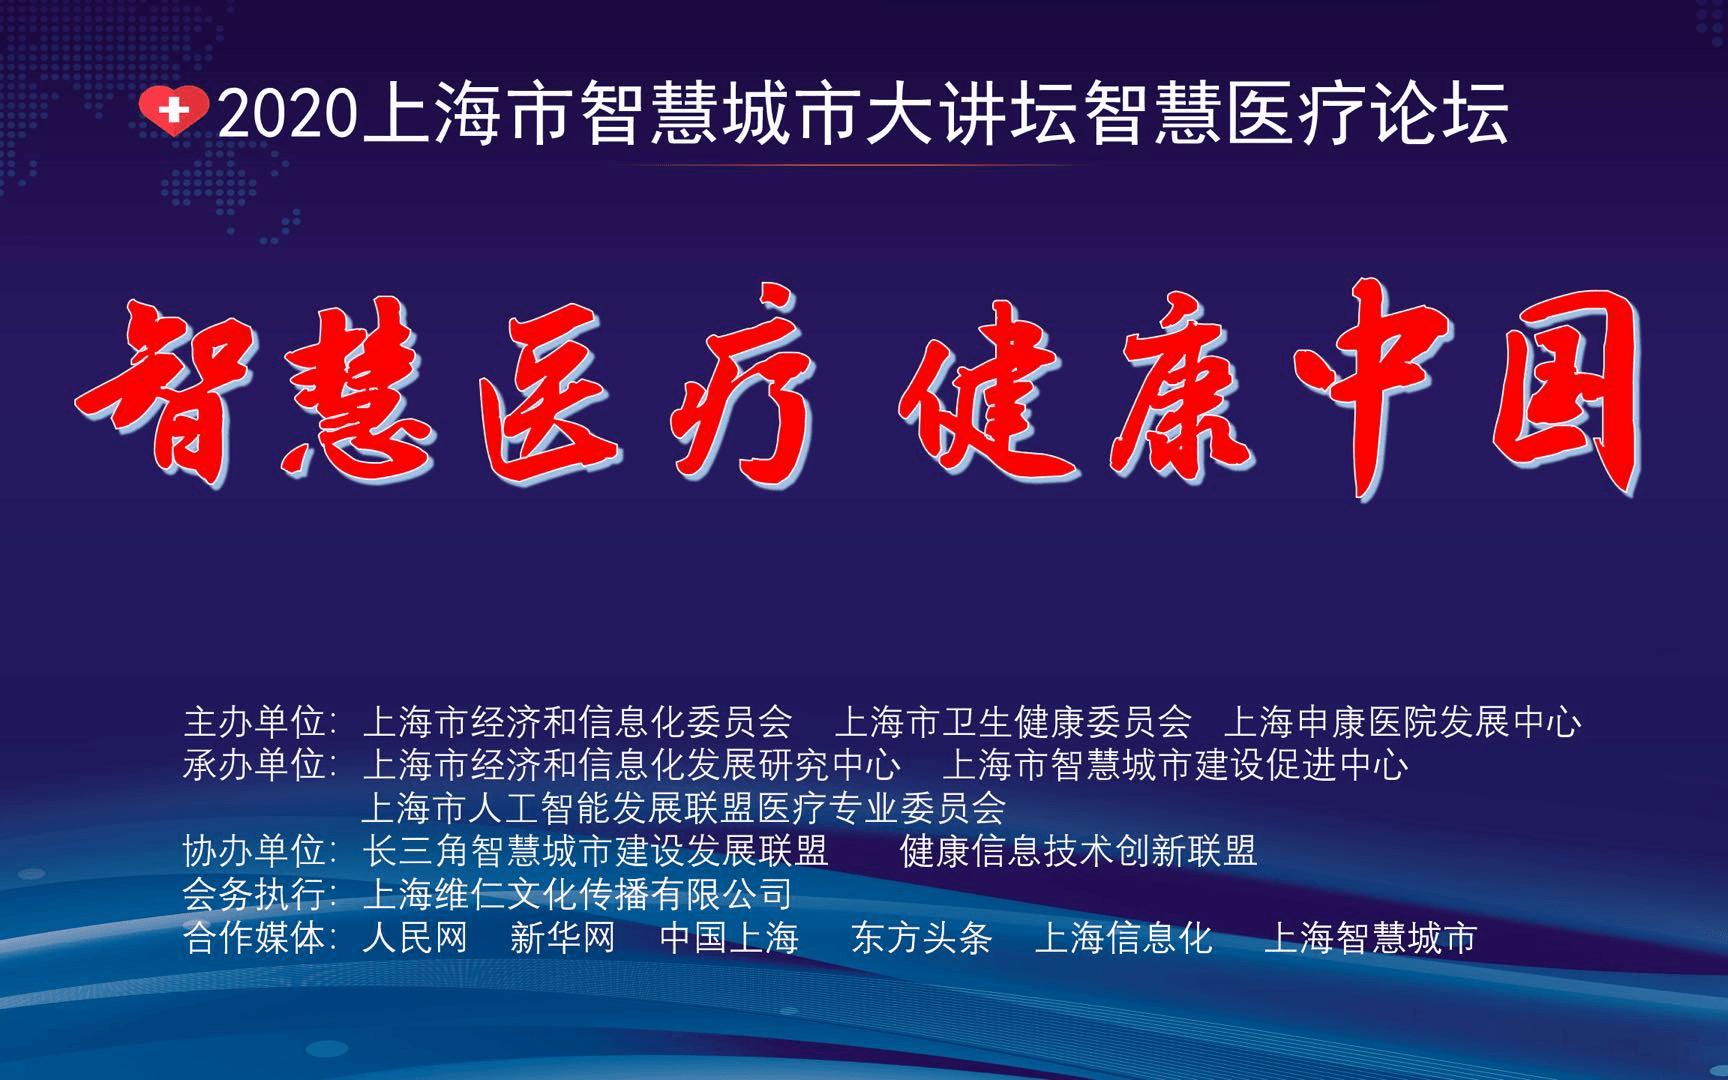 智慧医疗 健康中国---2020第二届长三角医疗信息化论坛(上海)